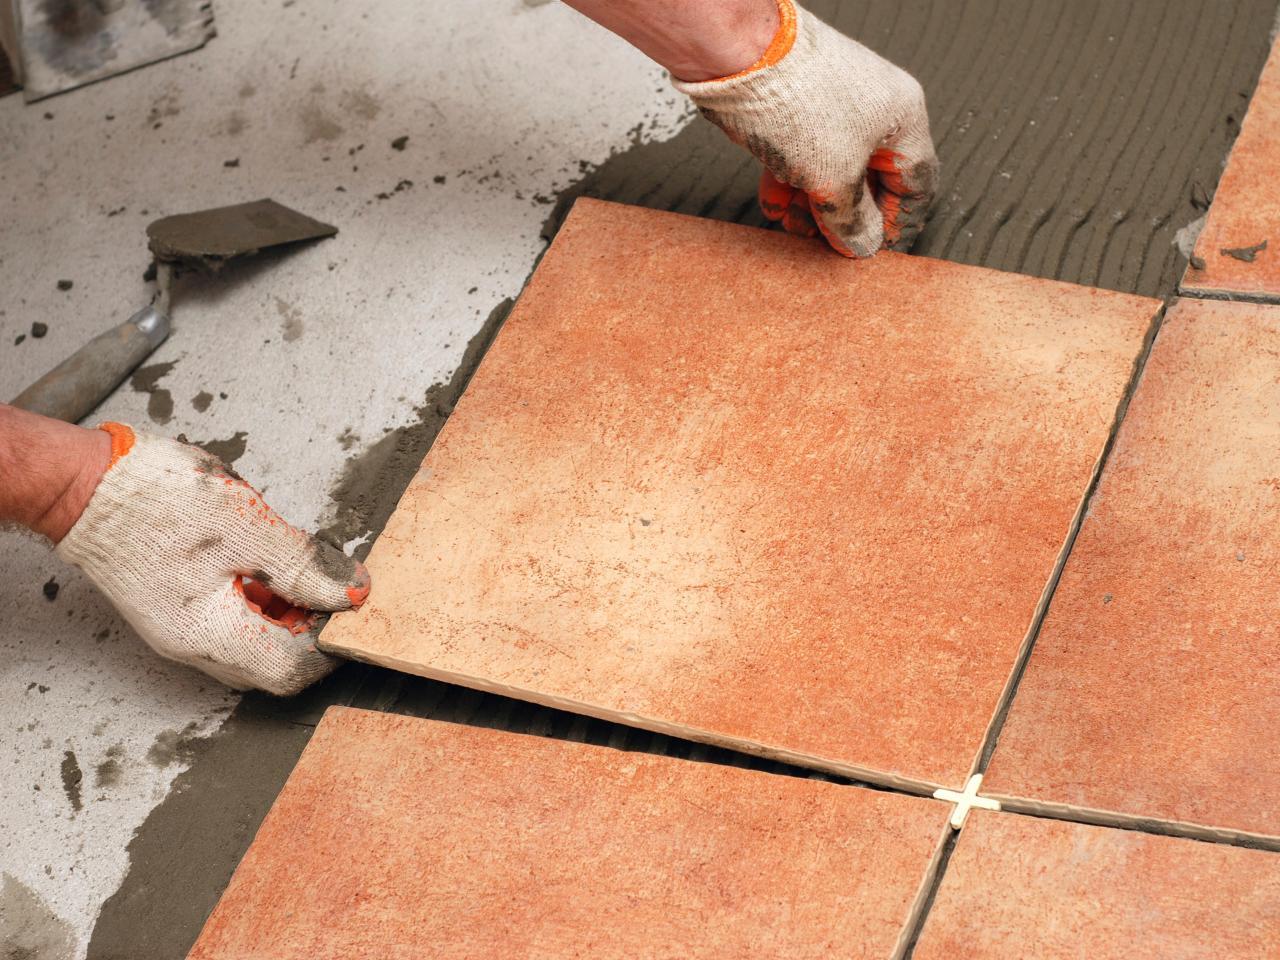 кладка плитки на цемент